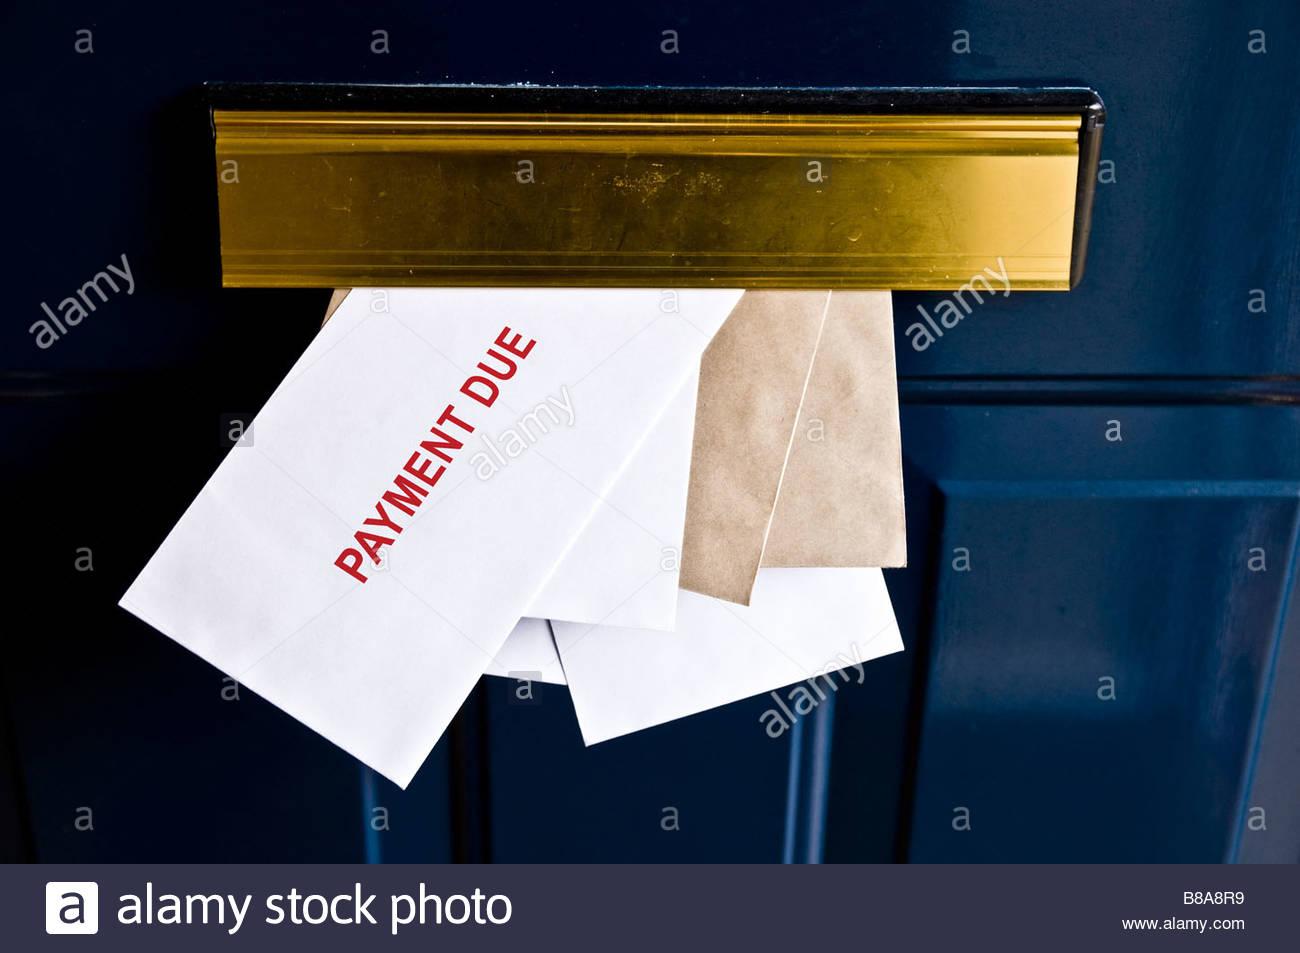 Bills in letter box - Stock Image